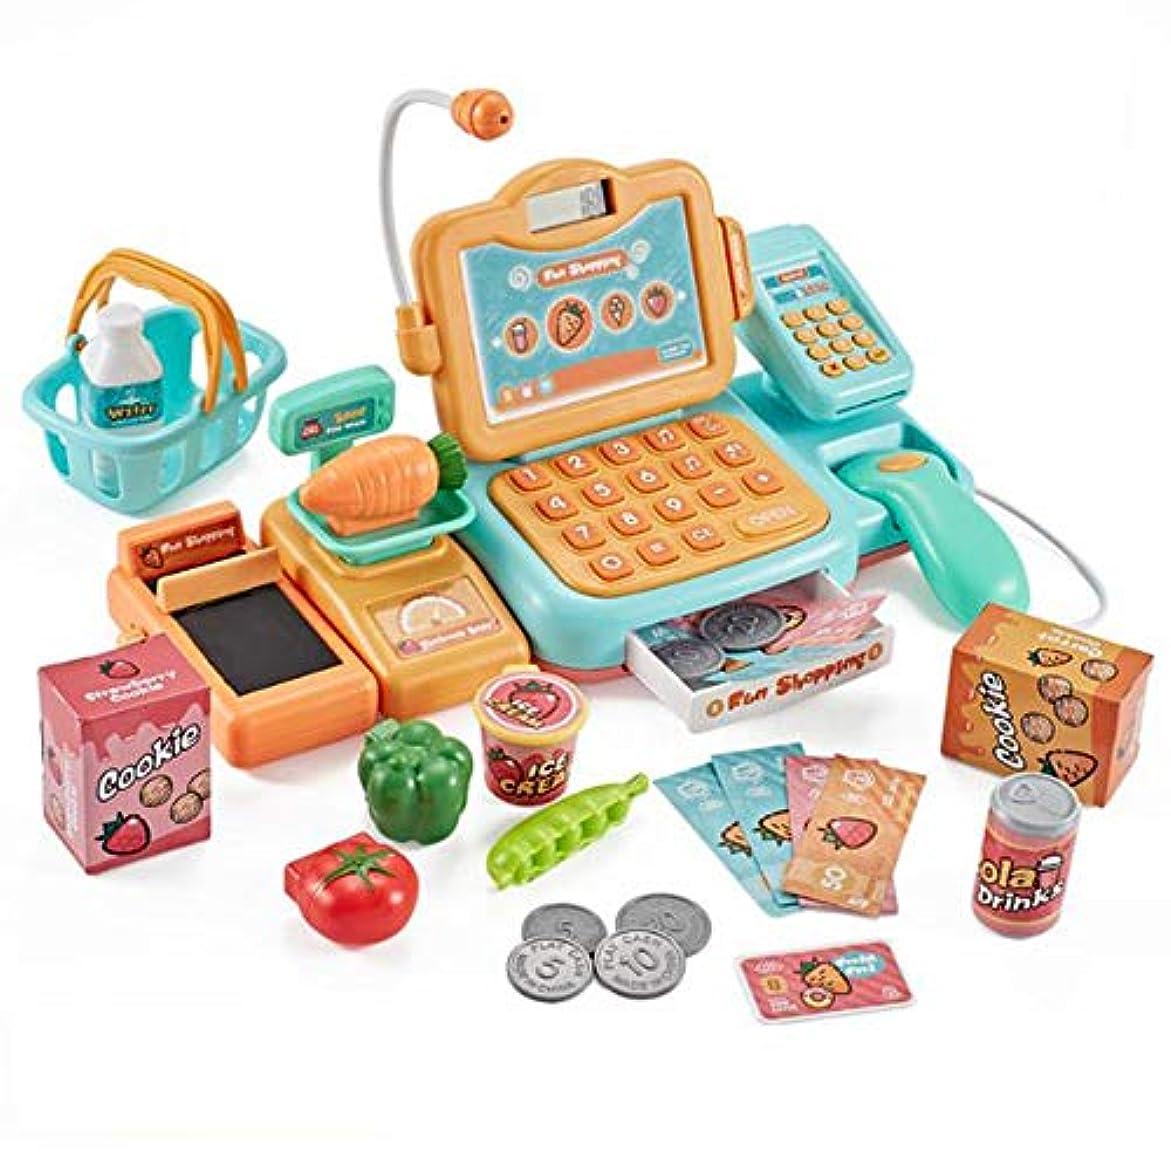 鼓舞するを必要としています輝度陽光の道 子供のままごと遊びをするゲーム子供のスーパーマーケットのレジのおもちゃシミュレーションのカードで払うレジままごと遊びをするゲームのスーツインテリジェント音声認識のレジ24点セット (黄色)